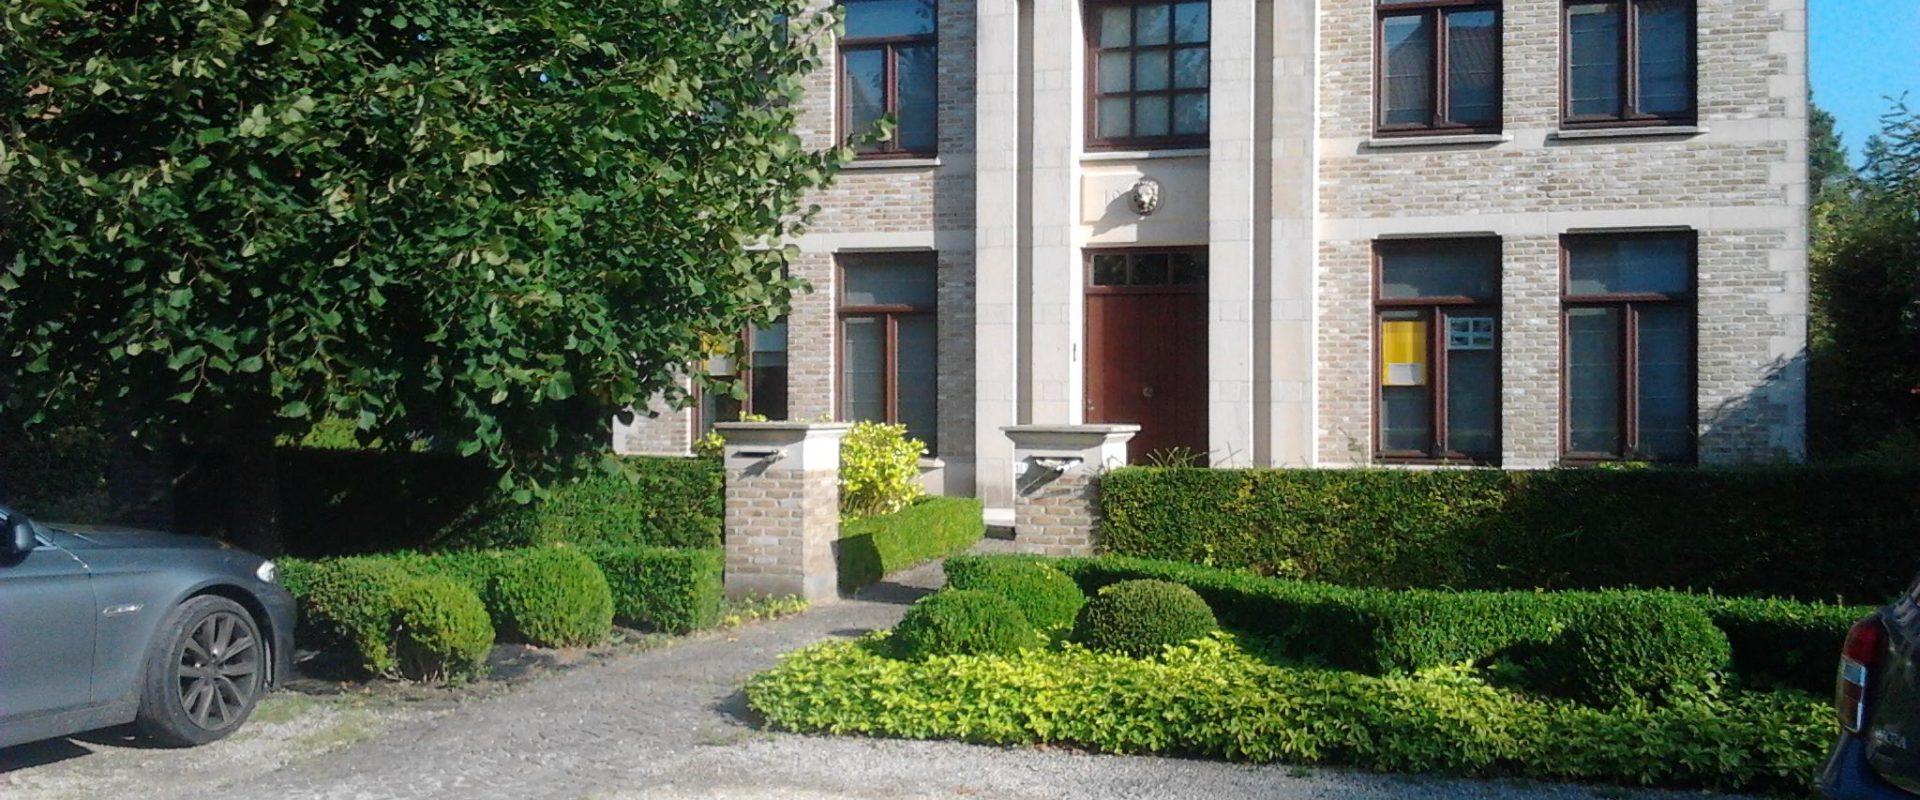 Luxevastgoed Kortrijk – luxevilla te koop